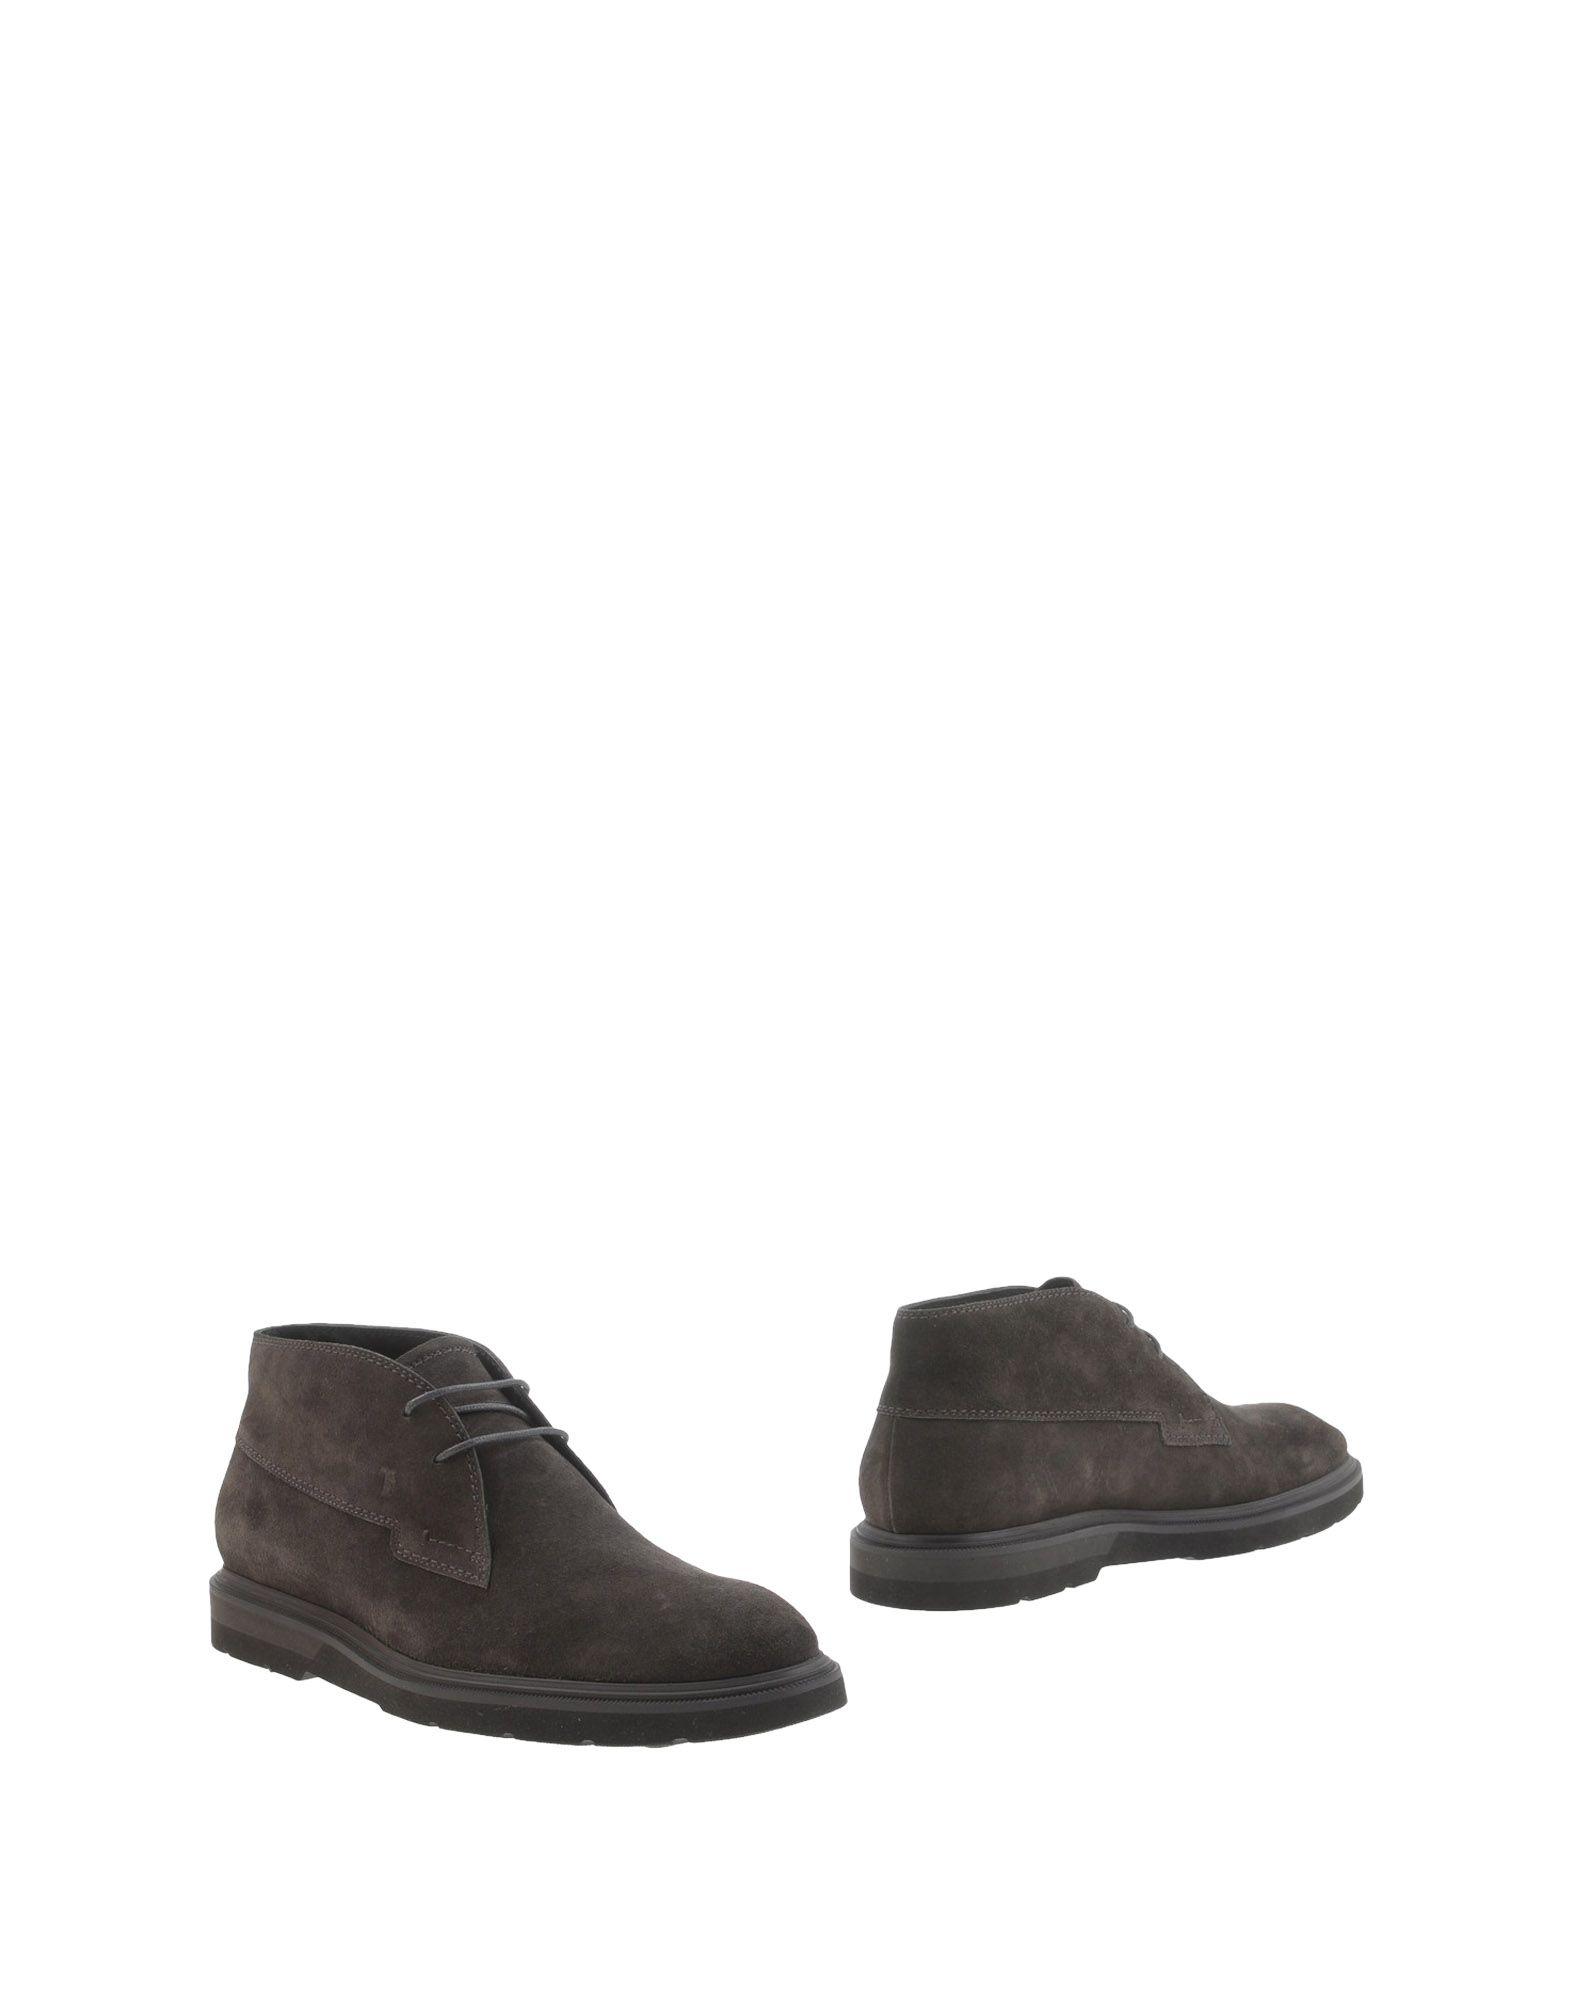 Tod's Stiefelette Herren  11349624GP Gute Qualität beliebte Schuhe